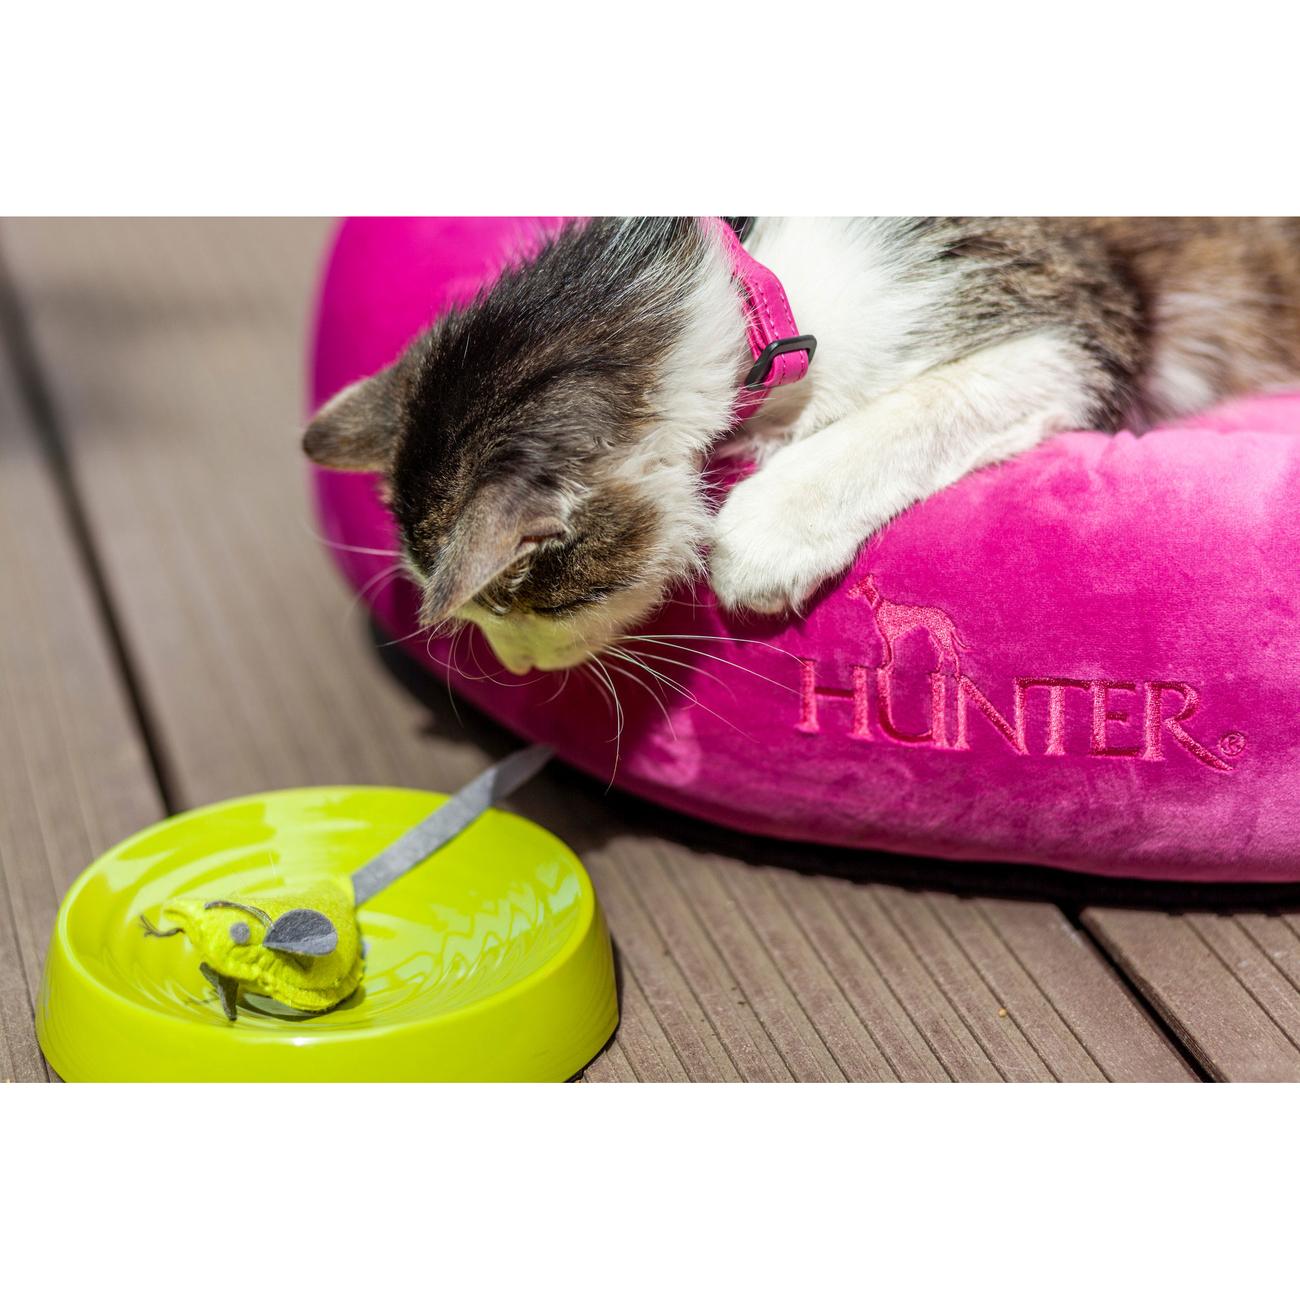 Hunter Melamin-Napf für Katzen by Laura 65866, Bild 5